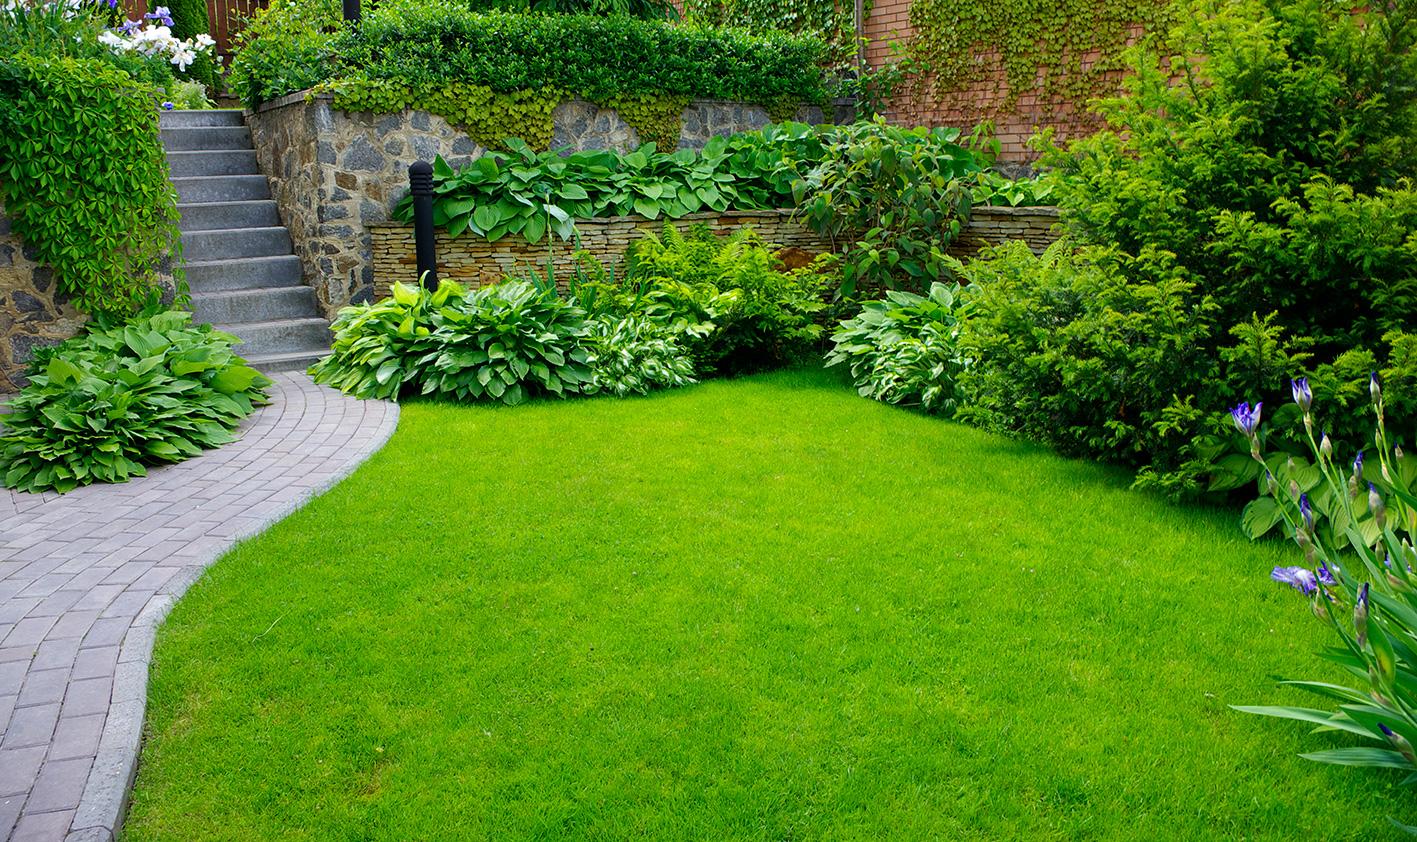 Pianifica Il Progettare Giardini Immagine Di Giardino Decorazione